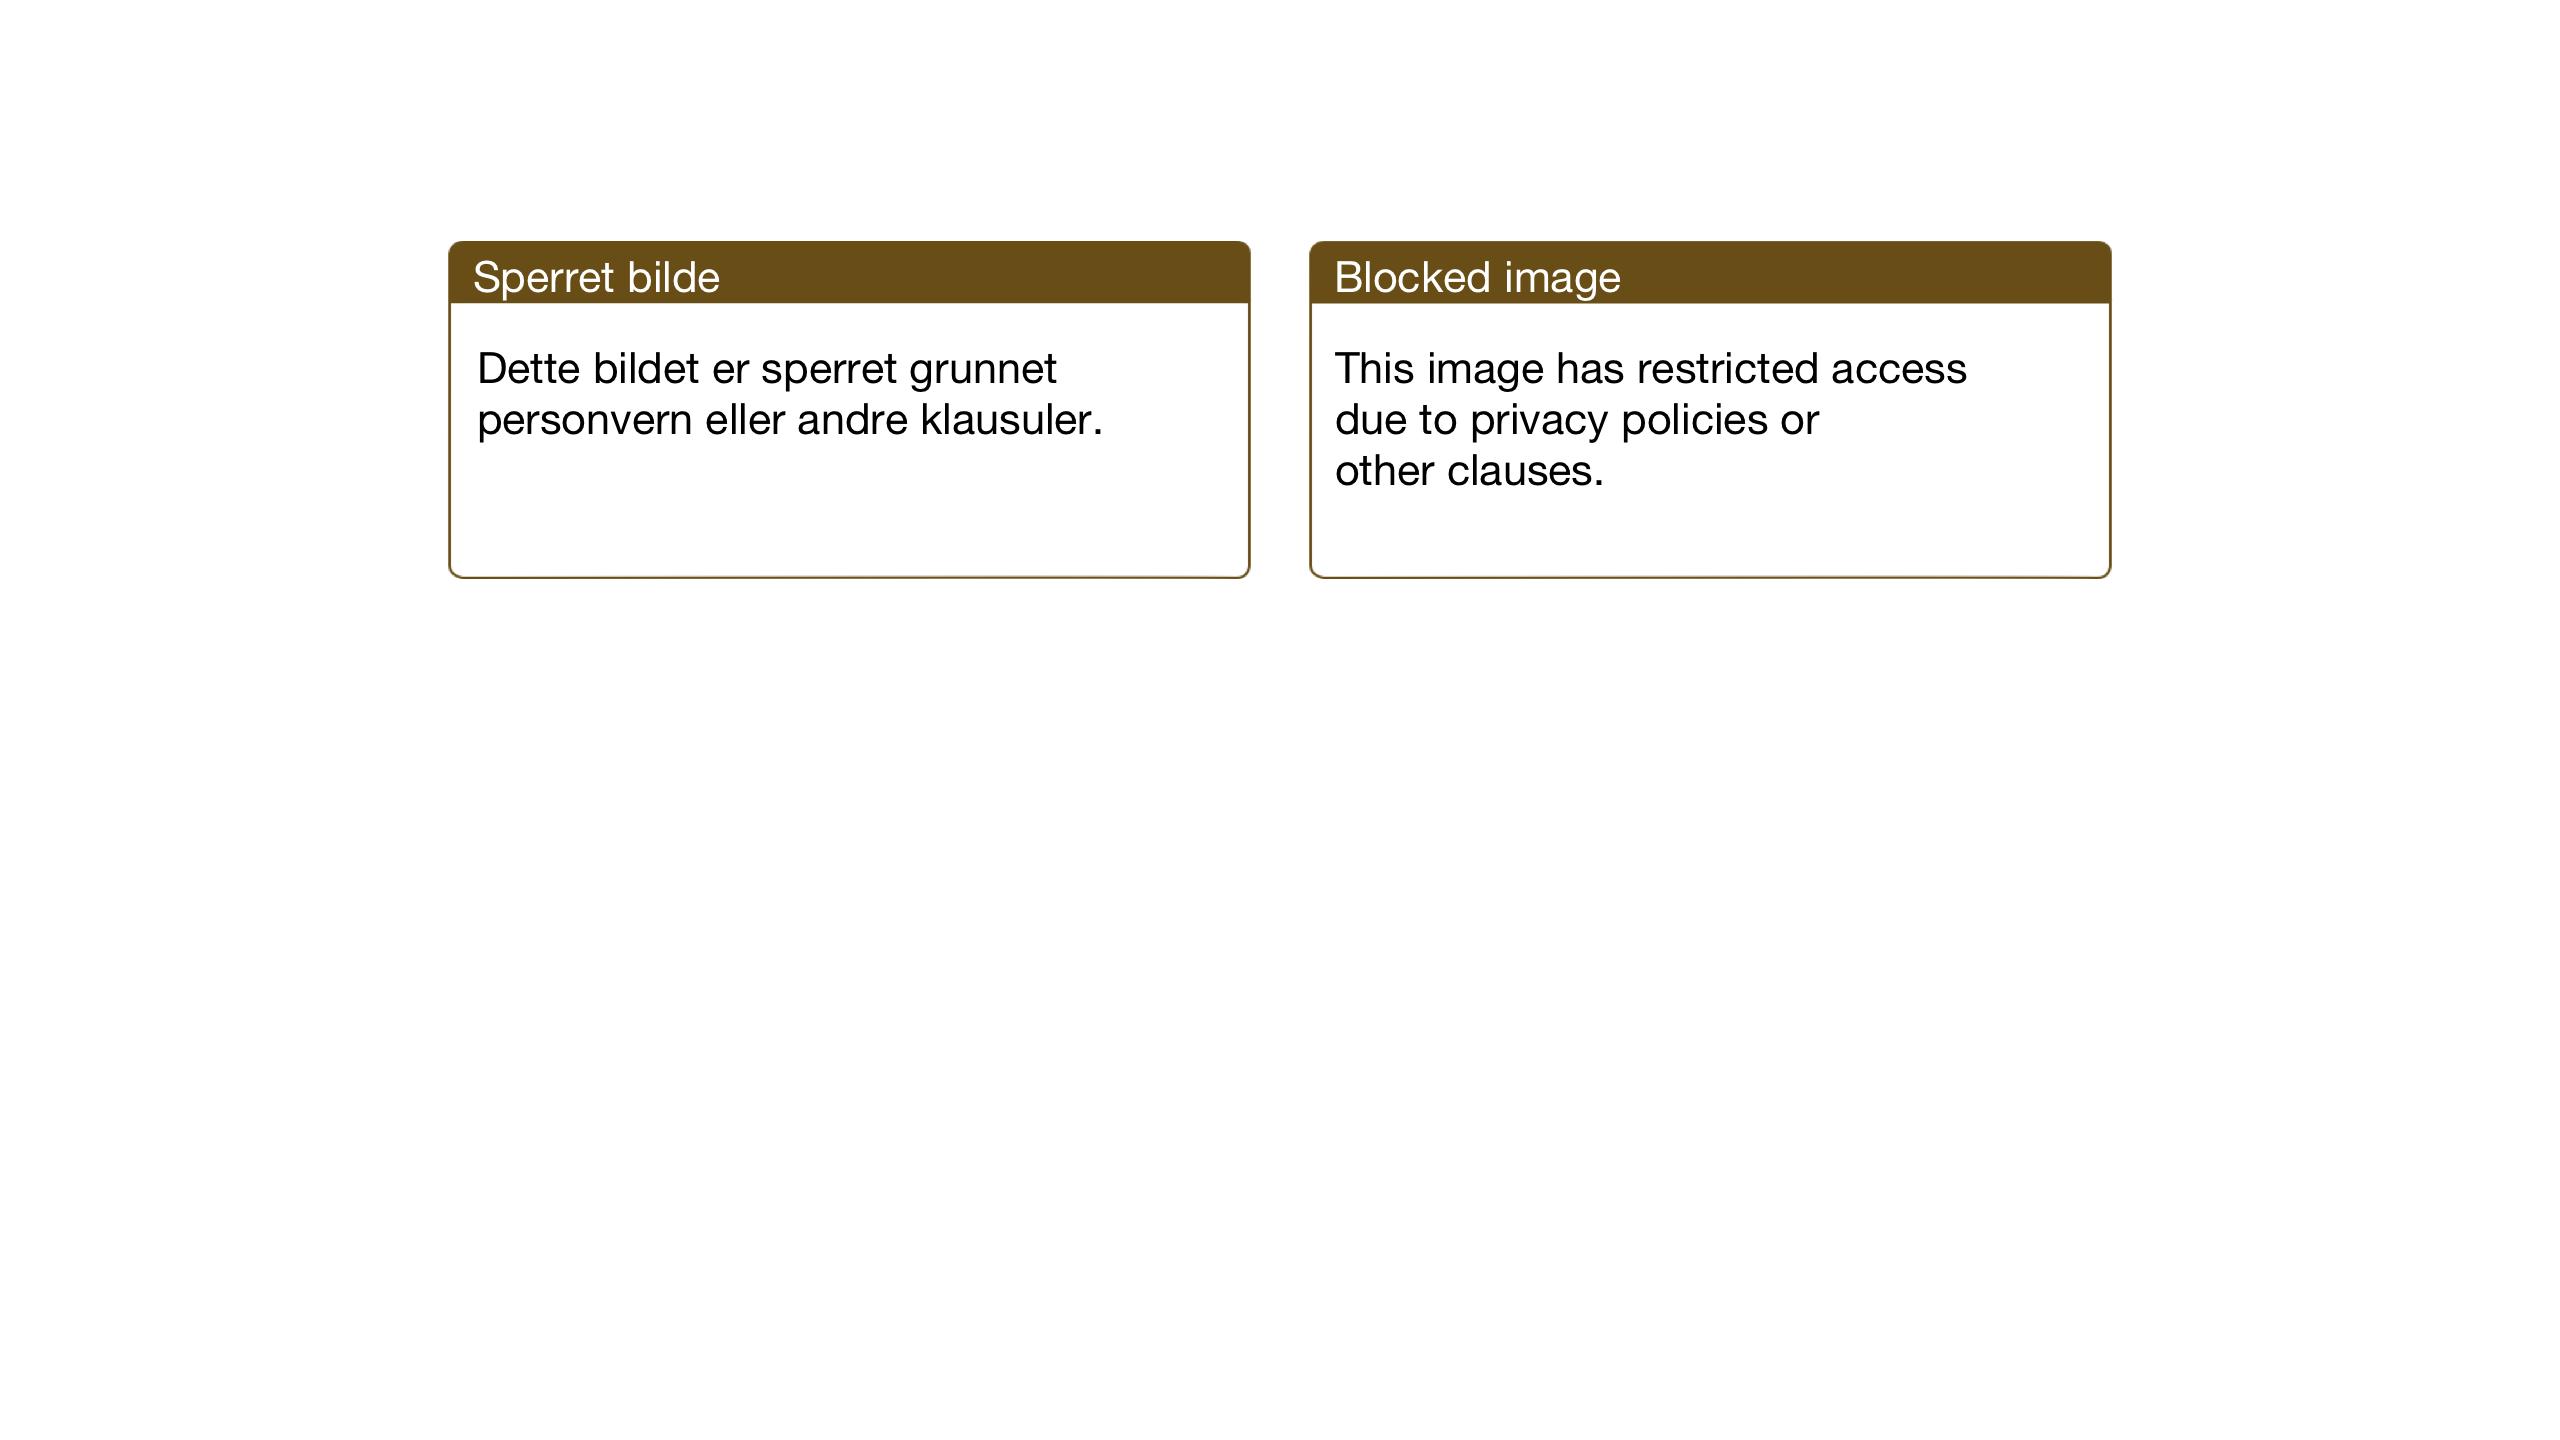 SAT, Ministerialprotokoller, klokkerbøker og fødselsregistre - Sør-Trøndelag, 607/L0327: Klokkerbok nr. 607C01, 1930-1939, s. 69